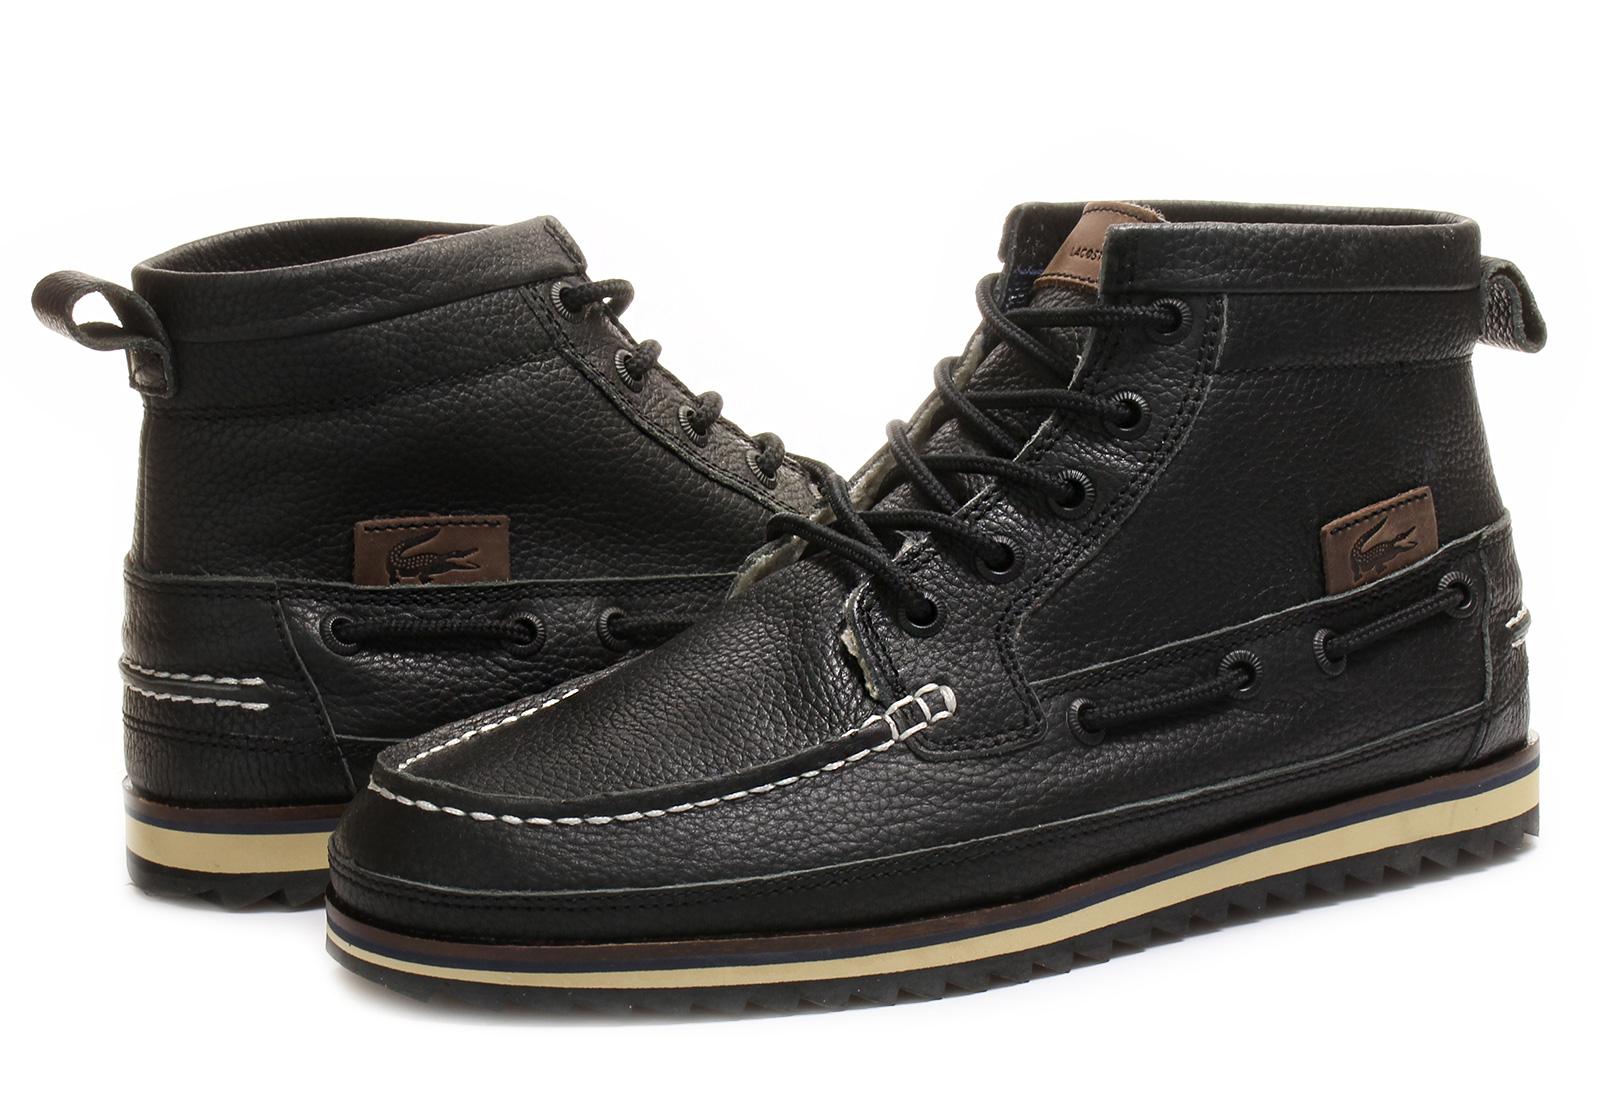 Lacoste Shoes - Sauville Mid - 133srm3051-024